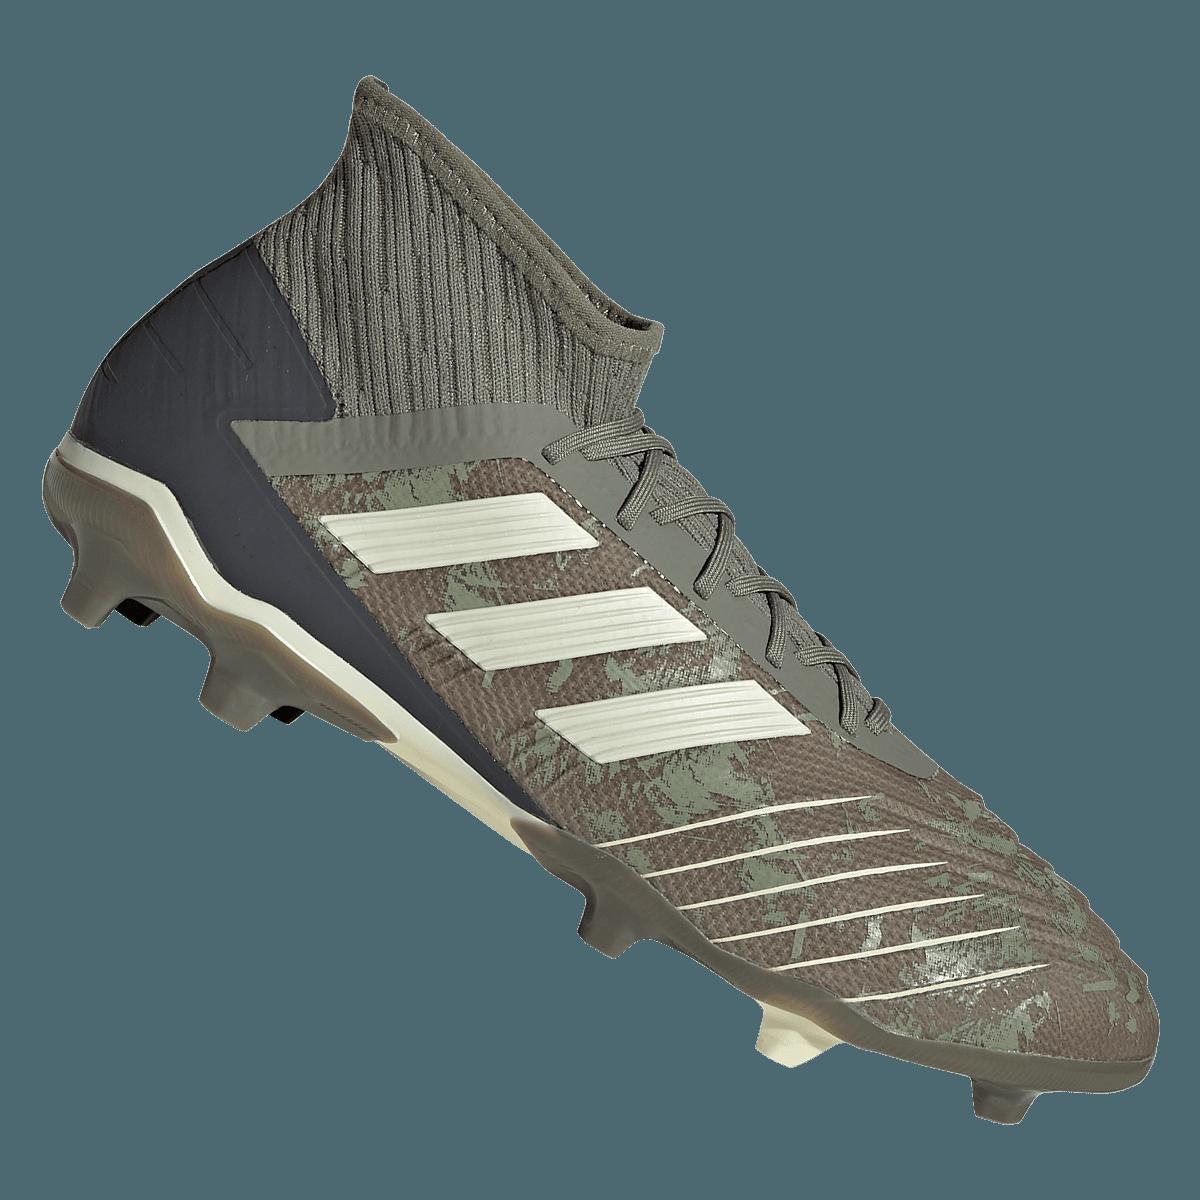 adidas voetbalschoenen Predator 19.2 FG olijfgroenbeige Voetbal shop